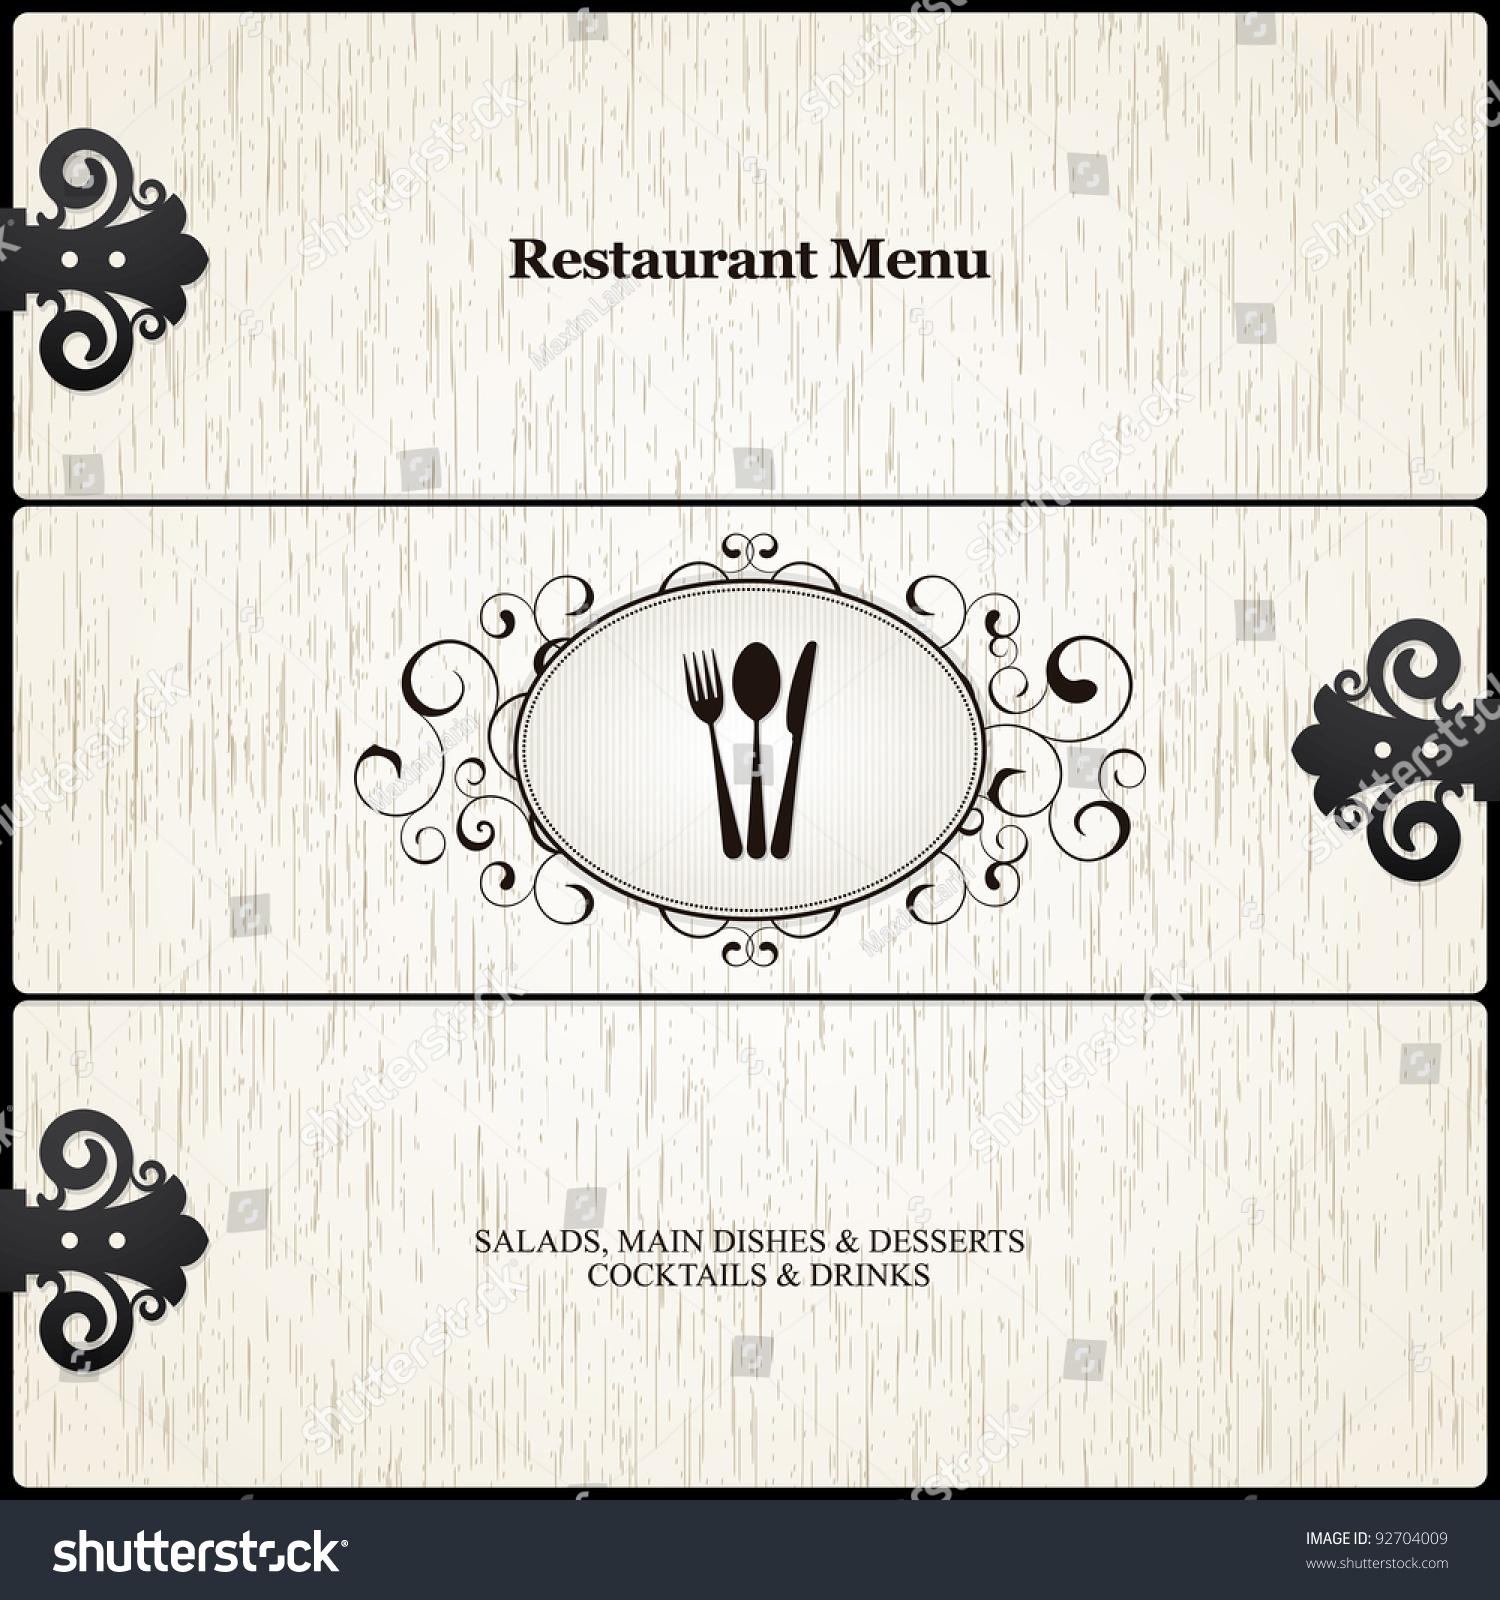 餐厅菜单设计-食品及饮料,背景/素材-海洛创意()-中国